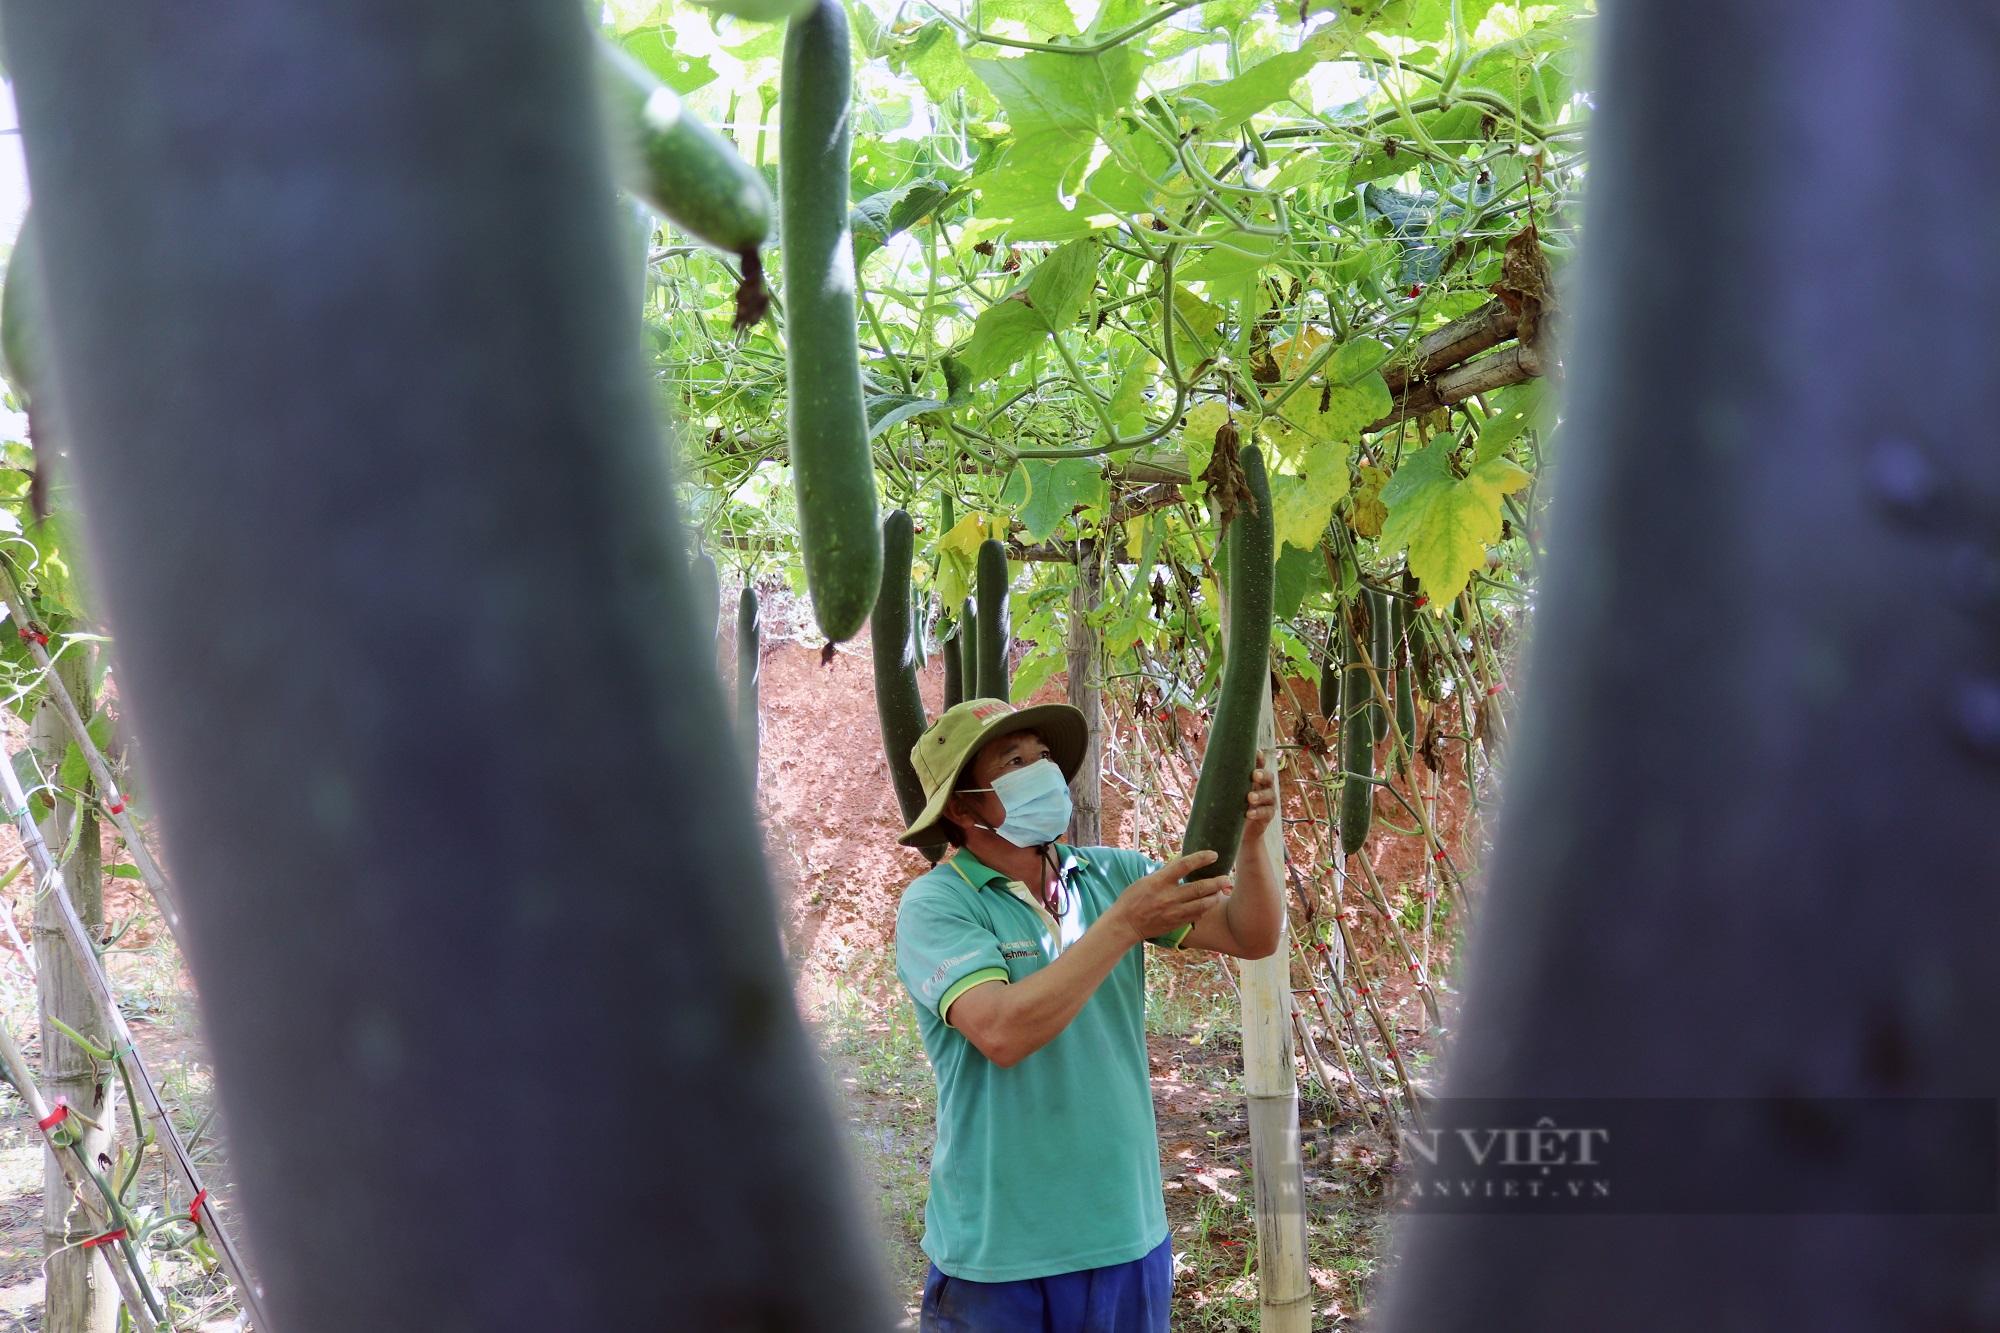 """Trồng bí xanh trái vụ, nông dân Sơn La """"bỏ túi"""" trên 100 triệu trong 3 tháng - Ảnh 2."""